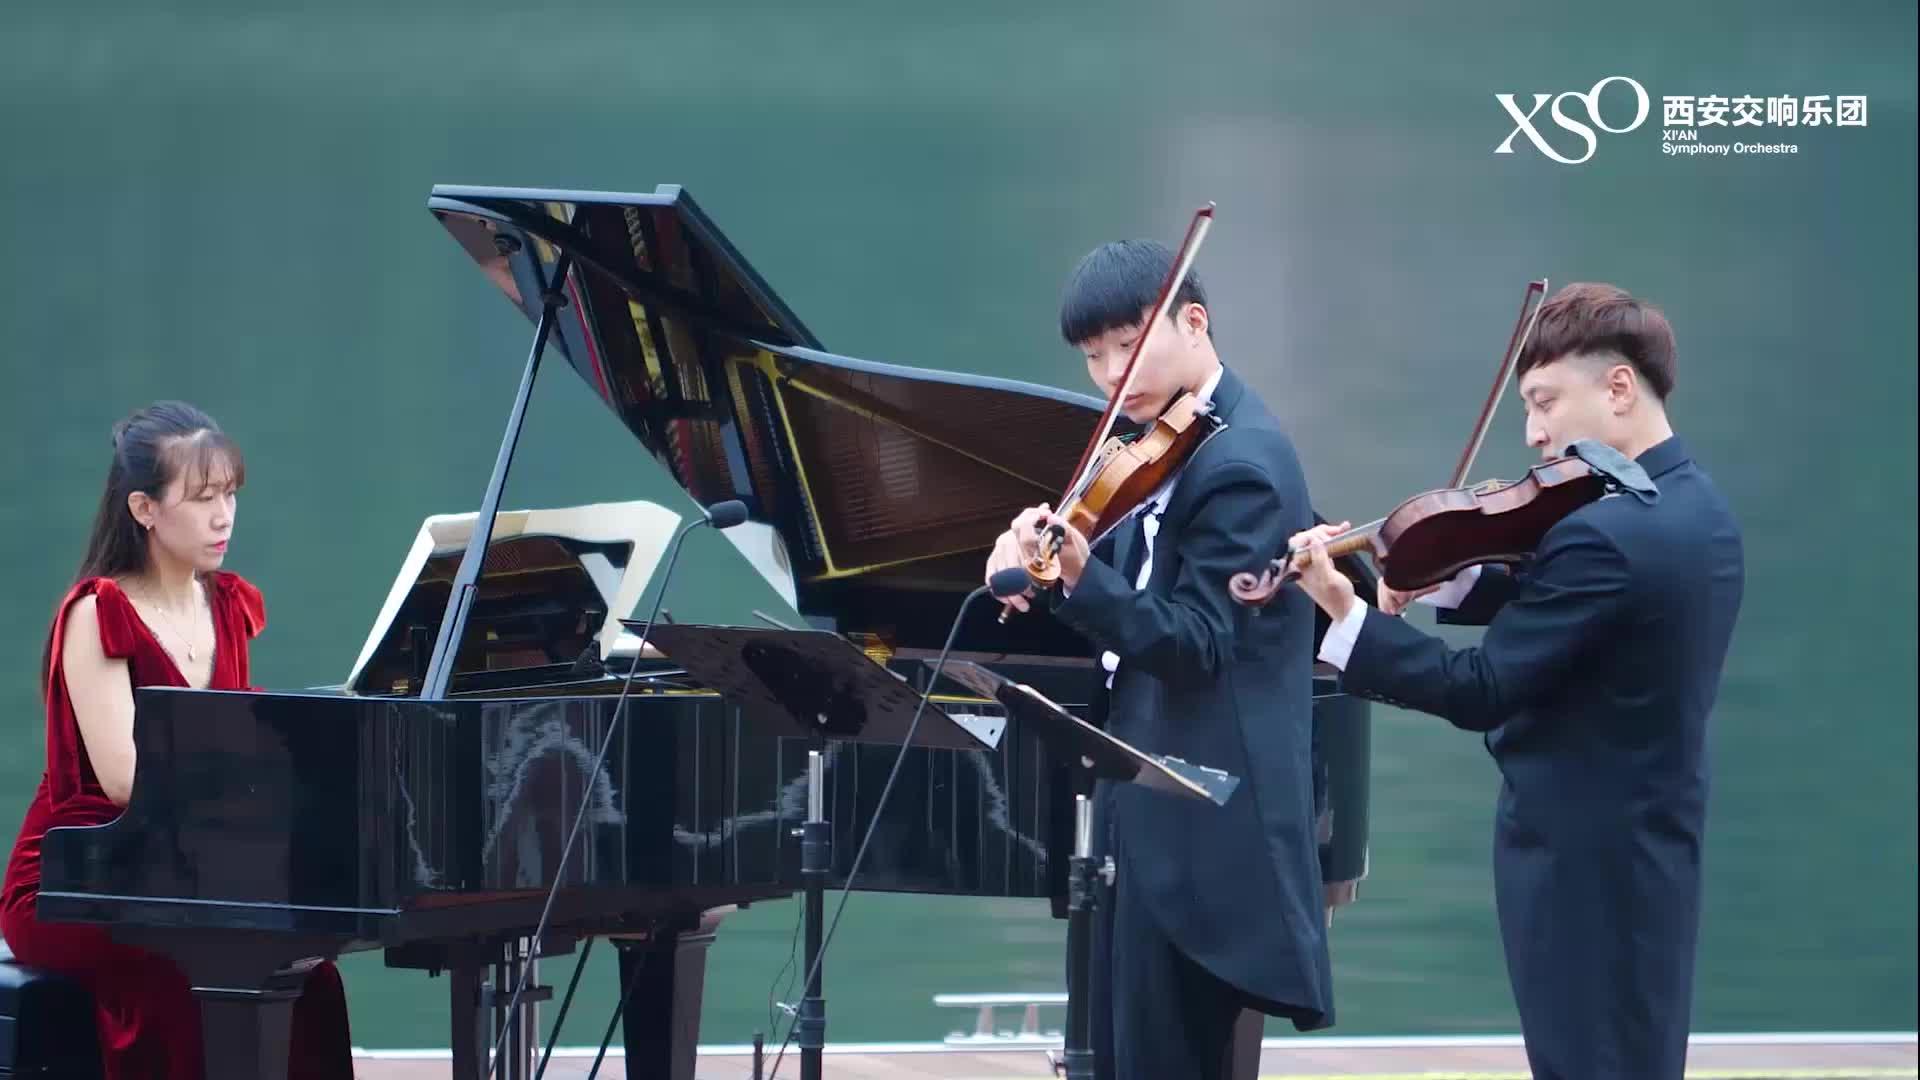 翠华山行音乐会——为双小提和钢琴所作的五首小品(选段)5.波尔卡